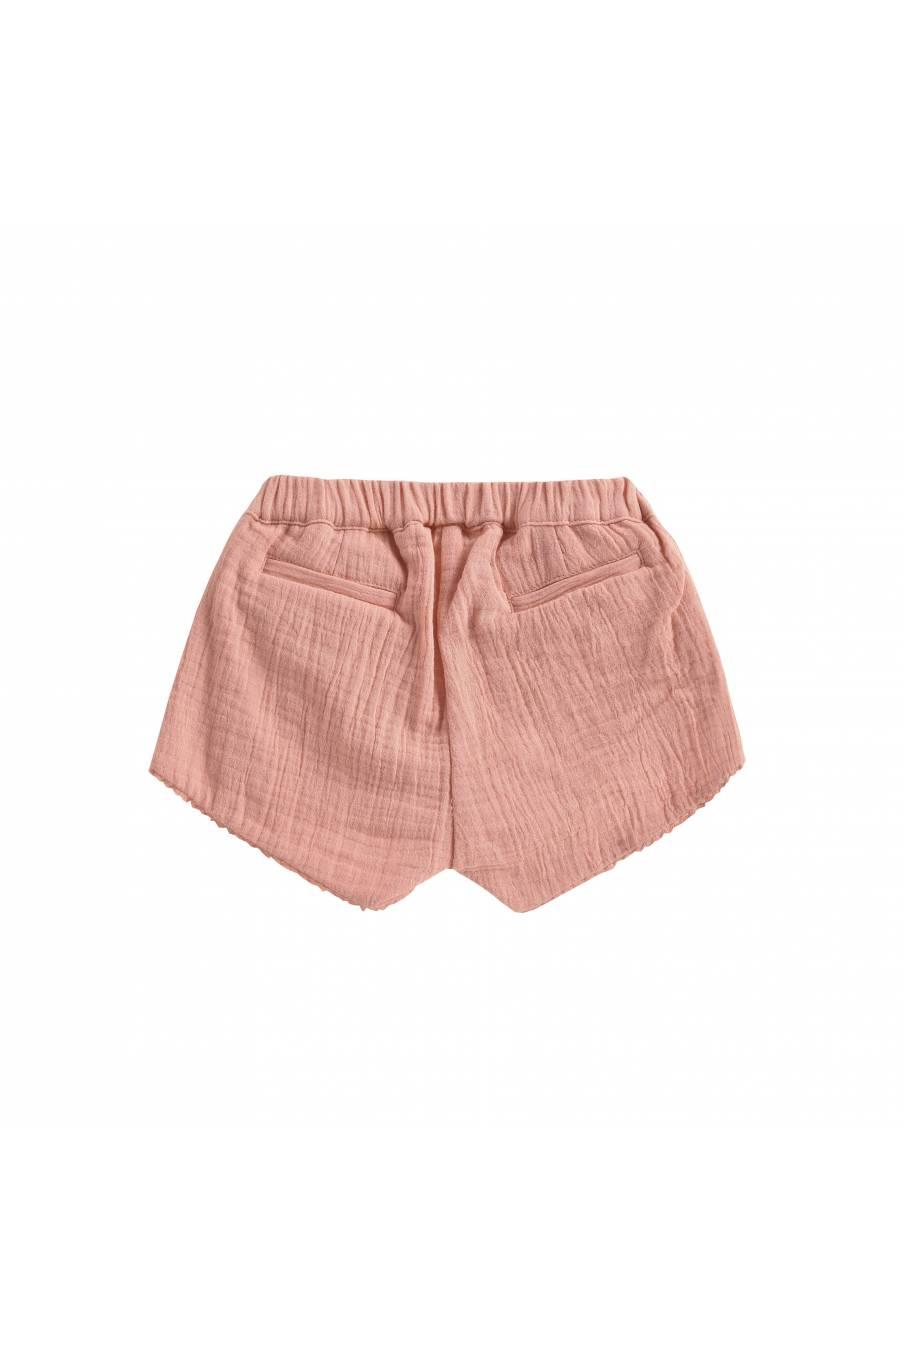 Shorts Ambuda Coral